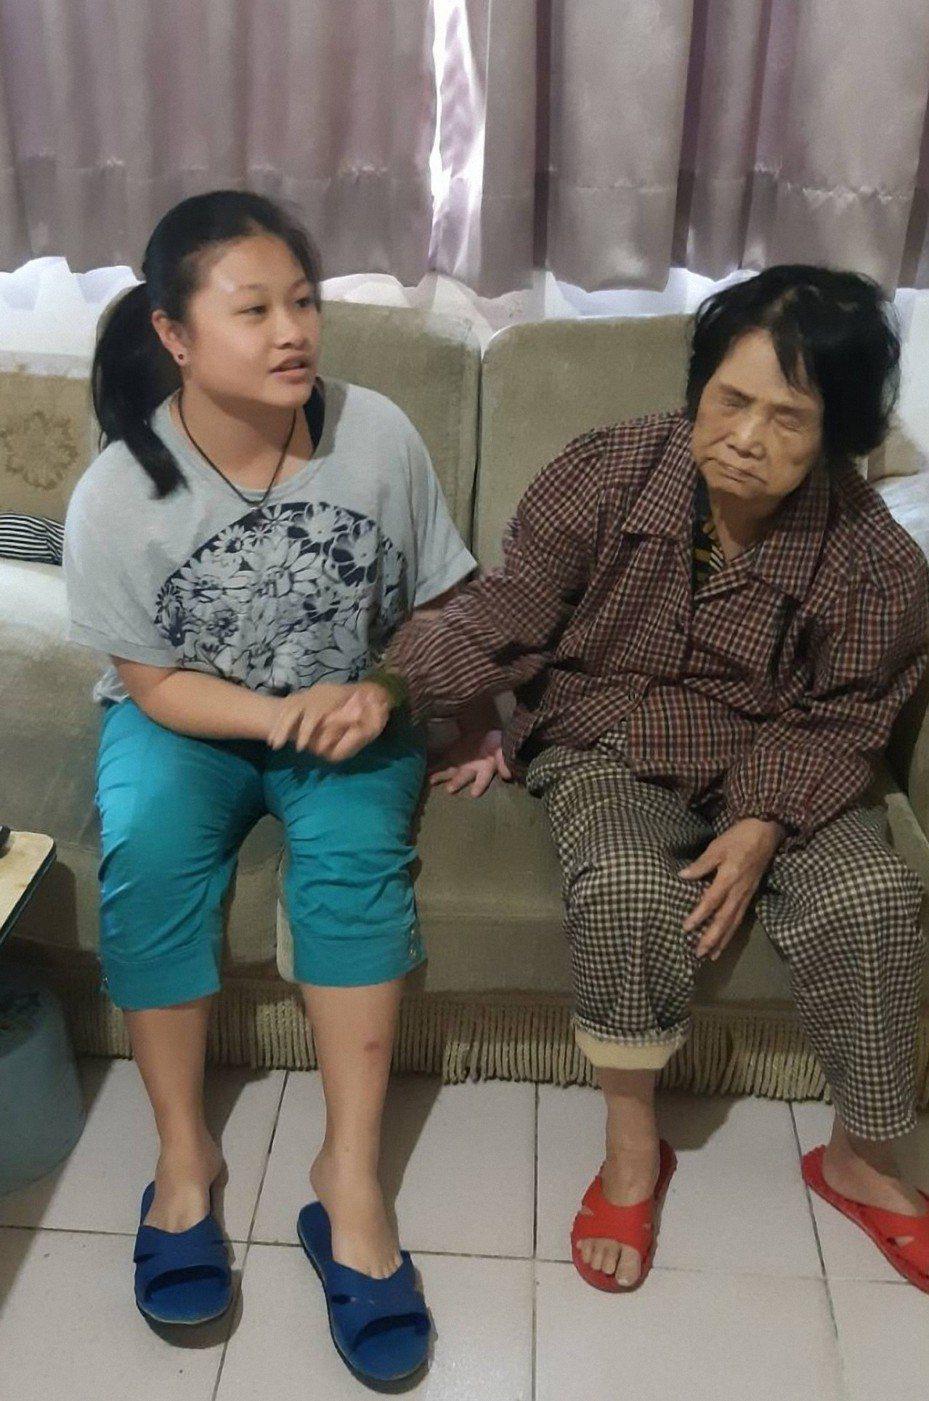 新北淡水國中阮怡靜年(左)僅13歲,卻已經獨自照顧全盲的外曾祖母謝含笑(右)6年。圖/教育局提供